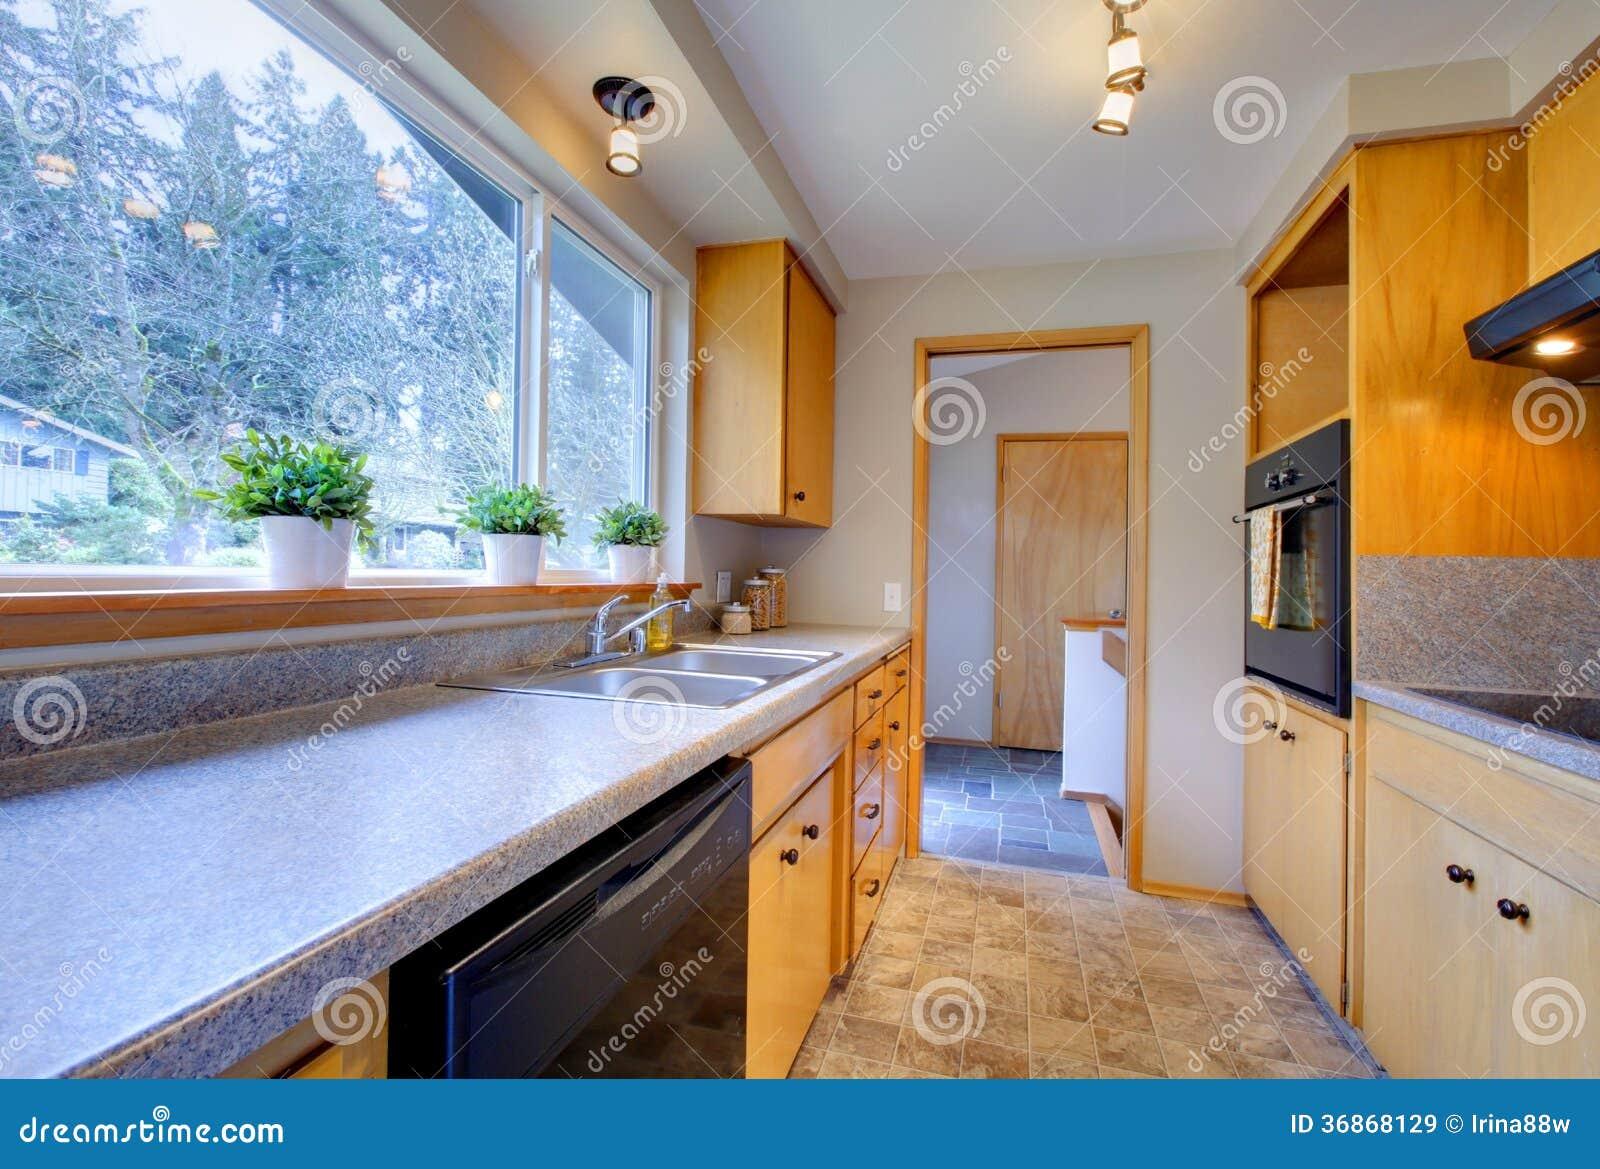 Favori Cuisine Moderne Avec La Fenêtre Large Images libres de droits  QY46